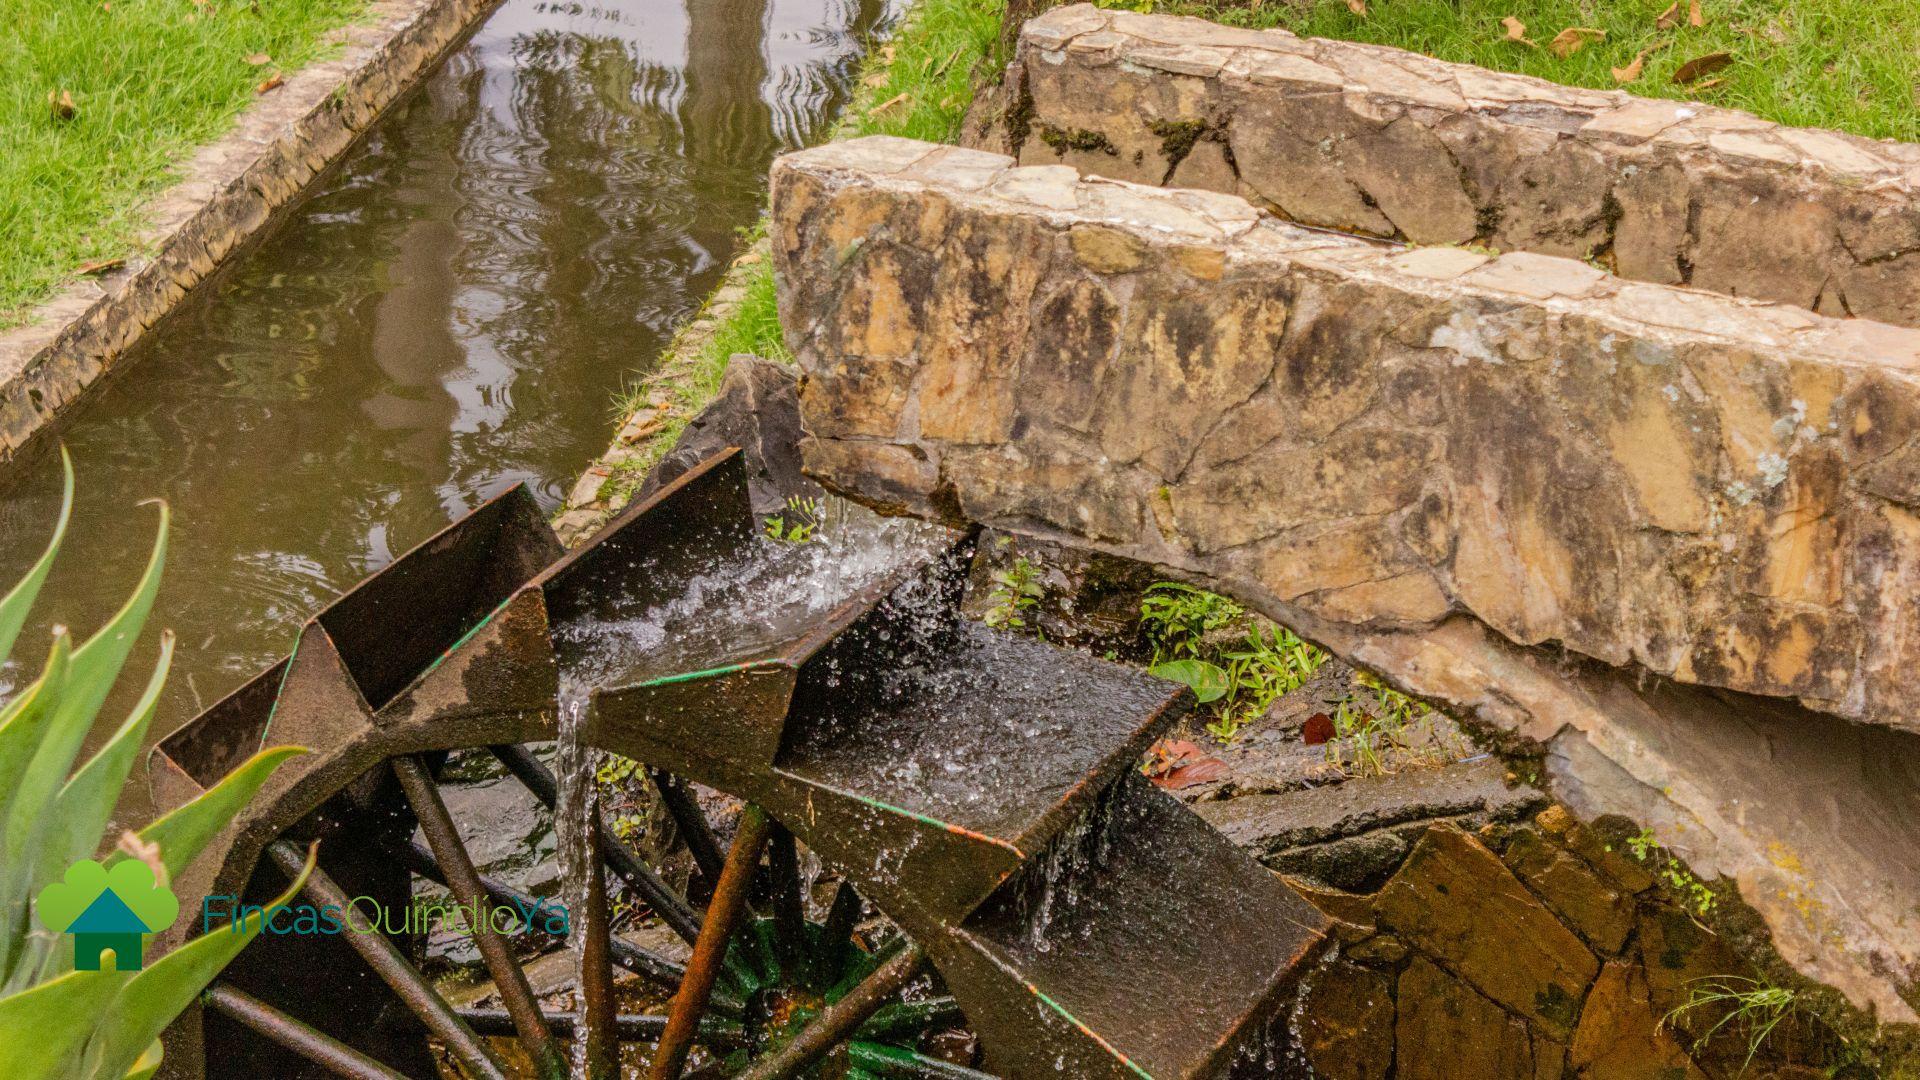 Molino al cual le cae agua de un conducto en El Parque de la Vida de Armenia